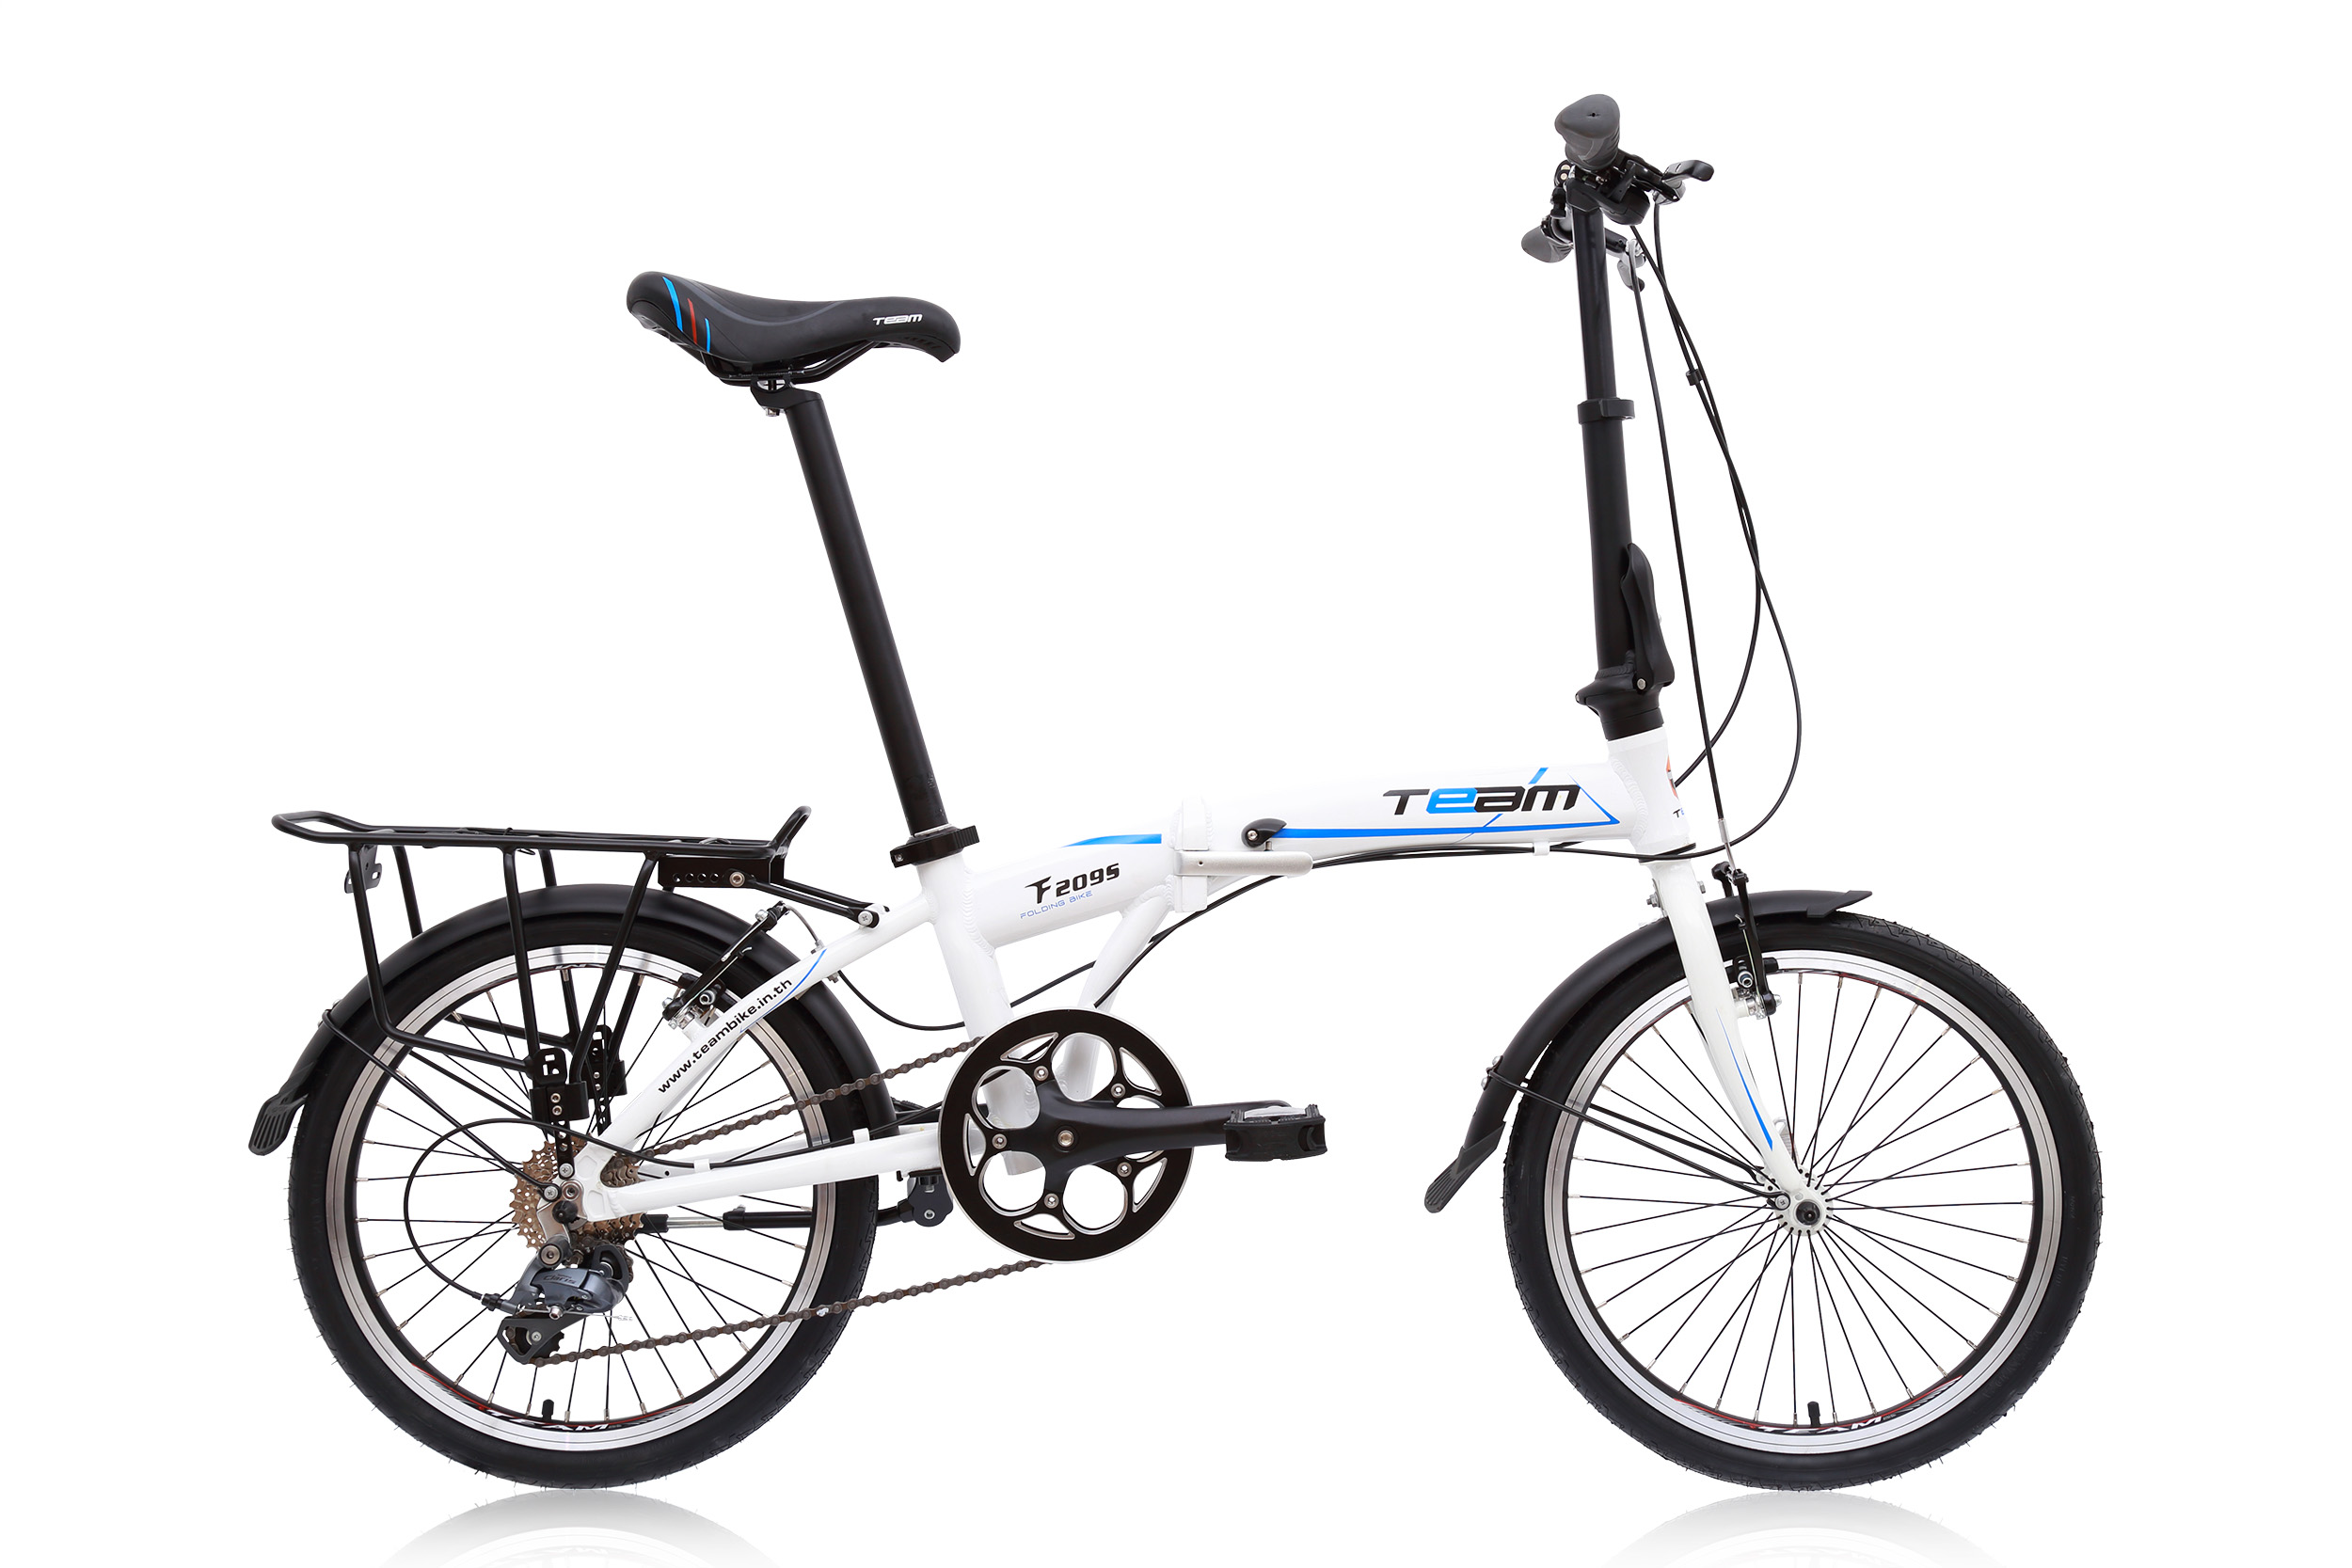 จักรยานพับเฟรมอลูมิเนียม สุดยอดด้วยดุม Novatec เกียร์ Claris 8 Speed ยี่ห้อ Team รุ่น F2095 สีขาว ตะเกียบโครโมลี